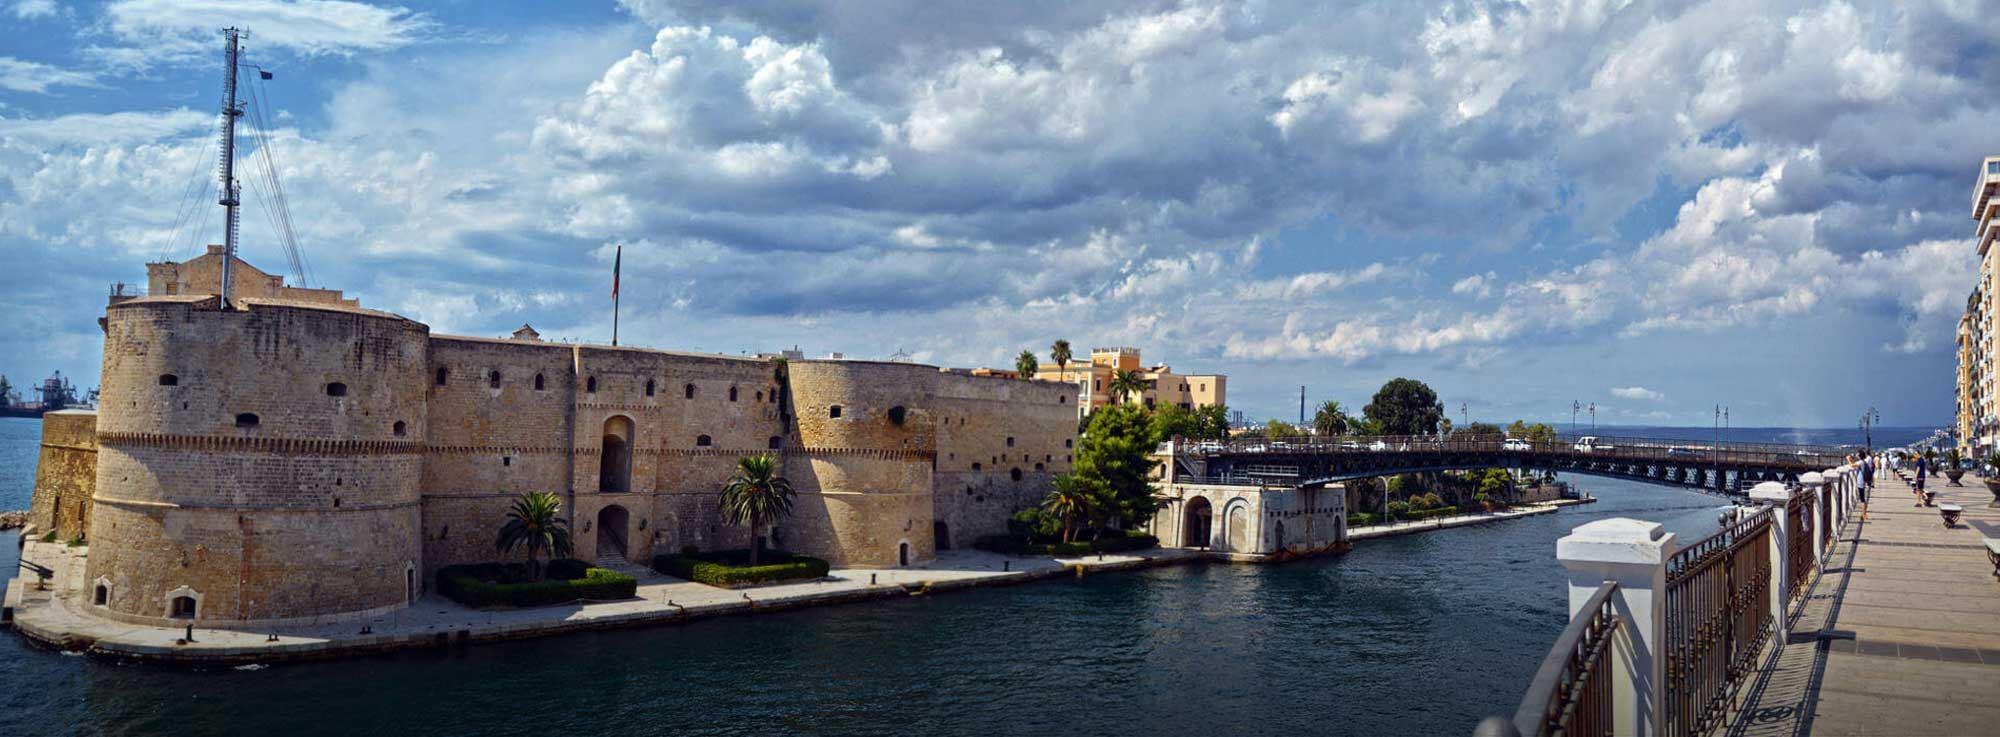 Taranto: Cercate l'Antica Madre MAGNA GRECIA: Luci, colori e impressioni tra Oriente e Occidente